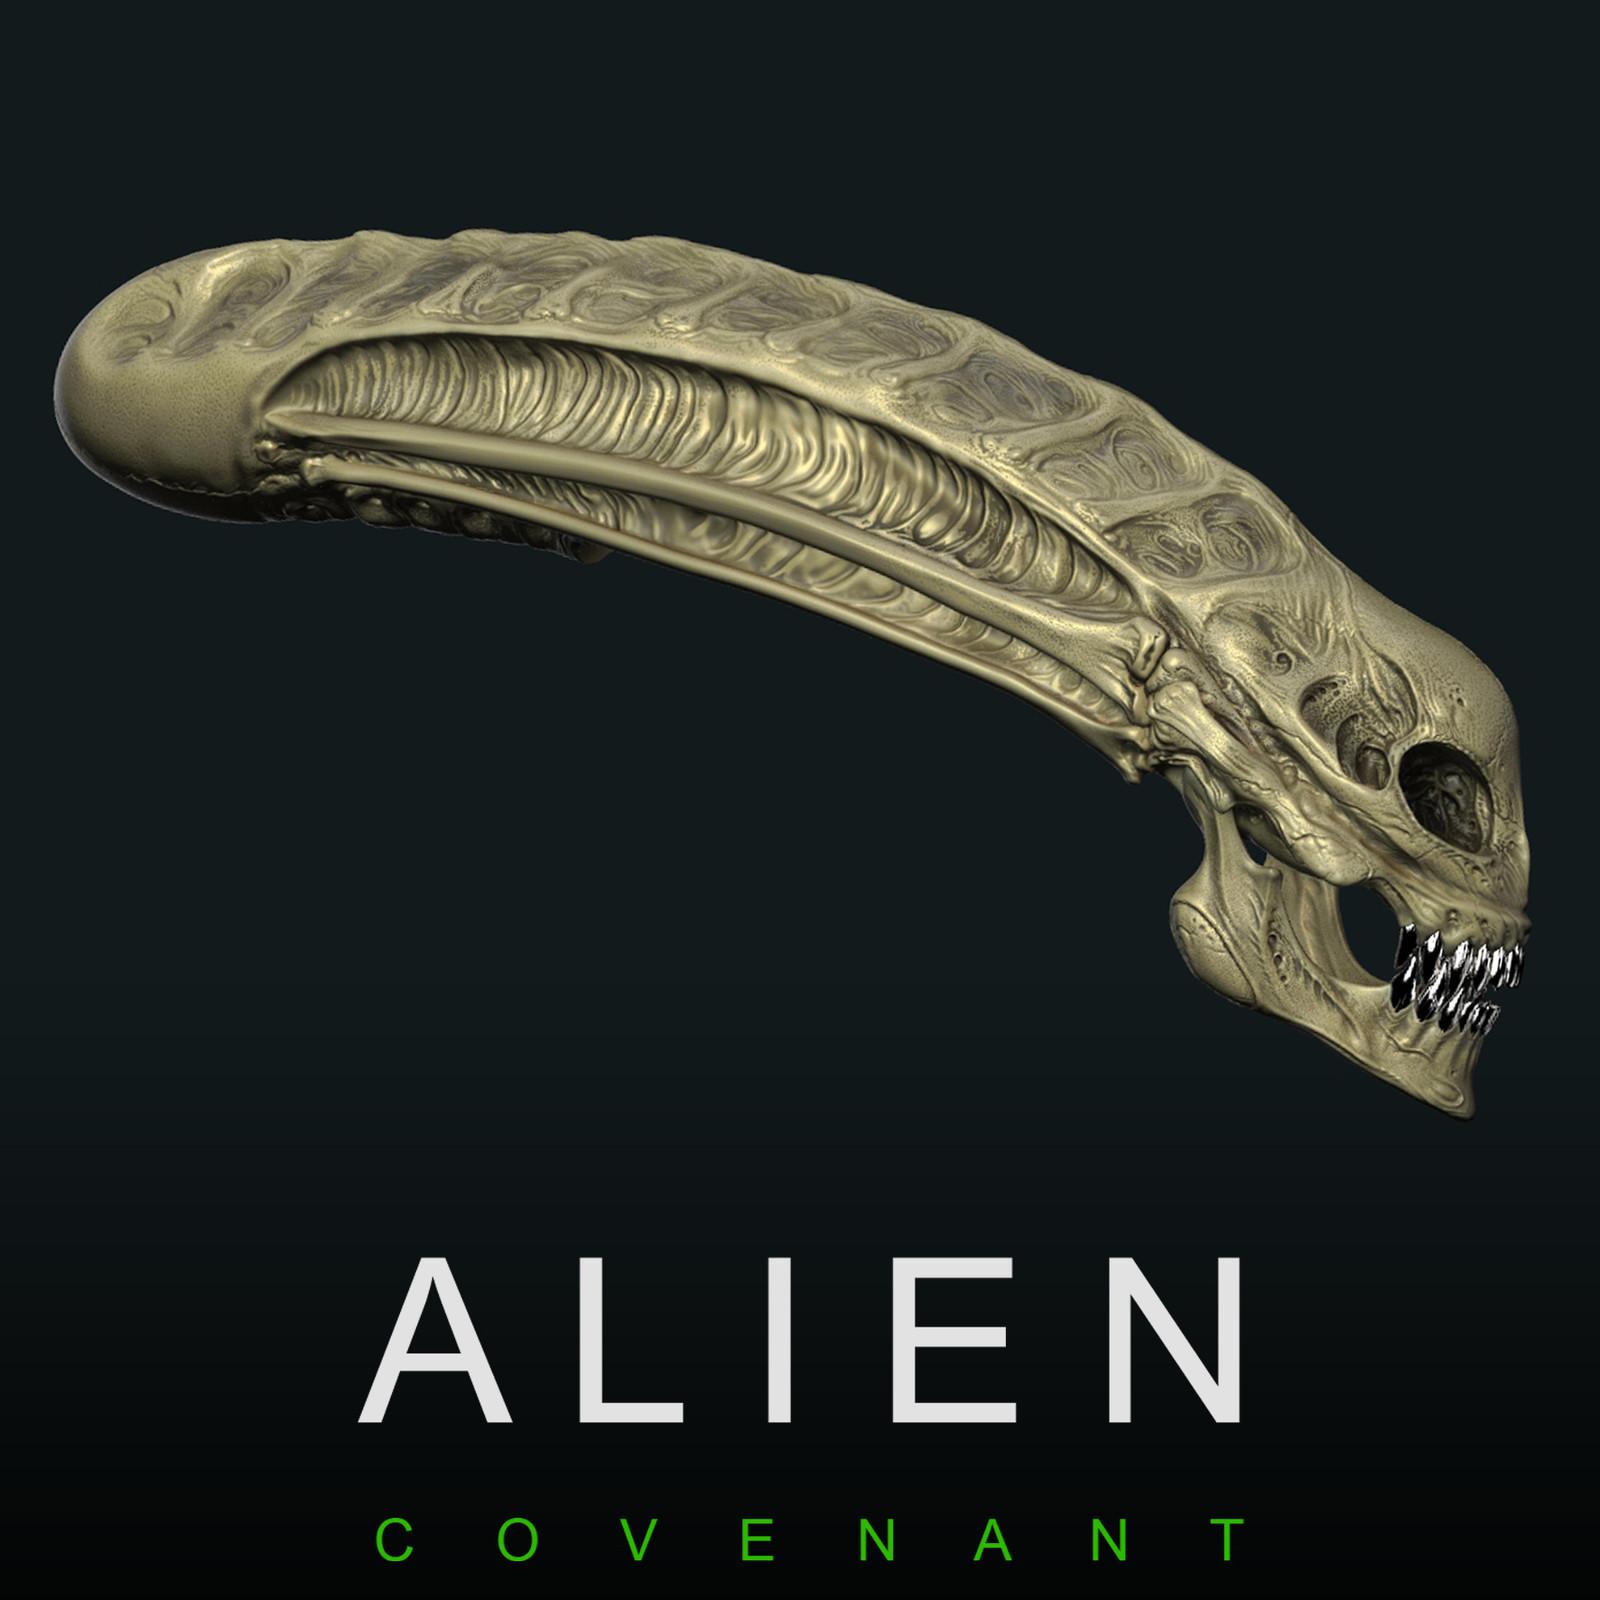 Alien Covenant - Protomorph Skull